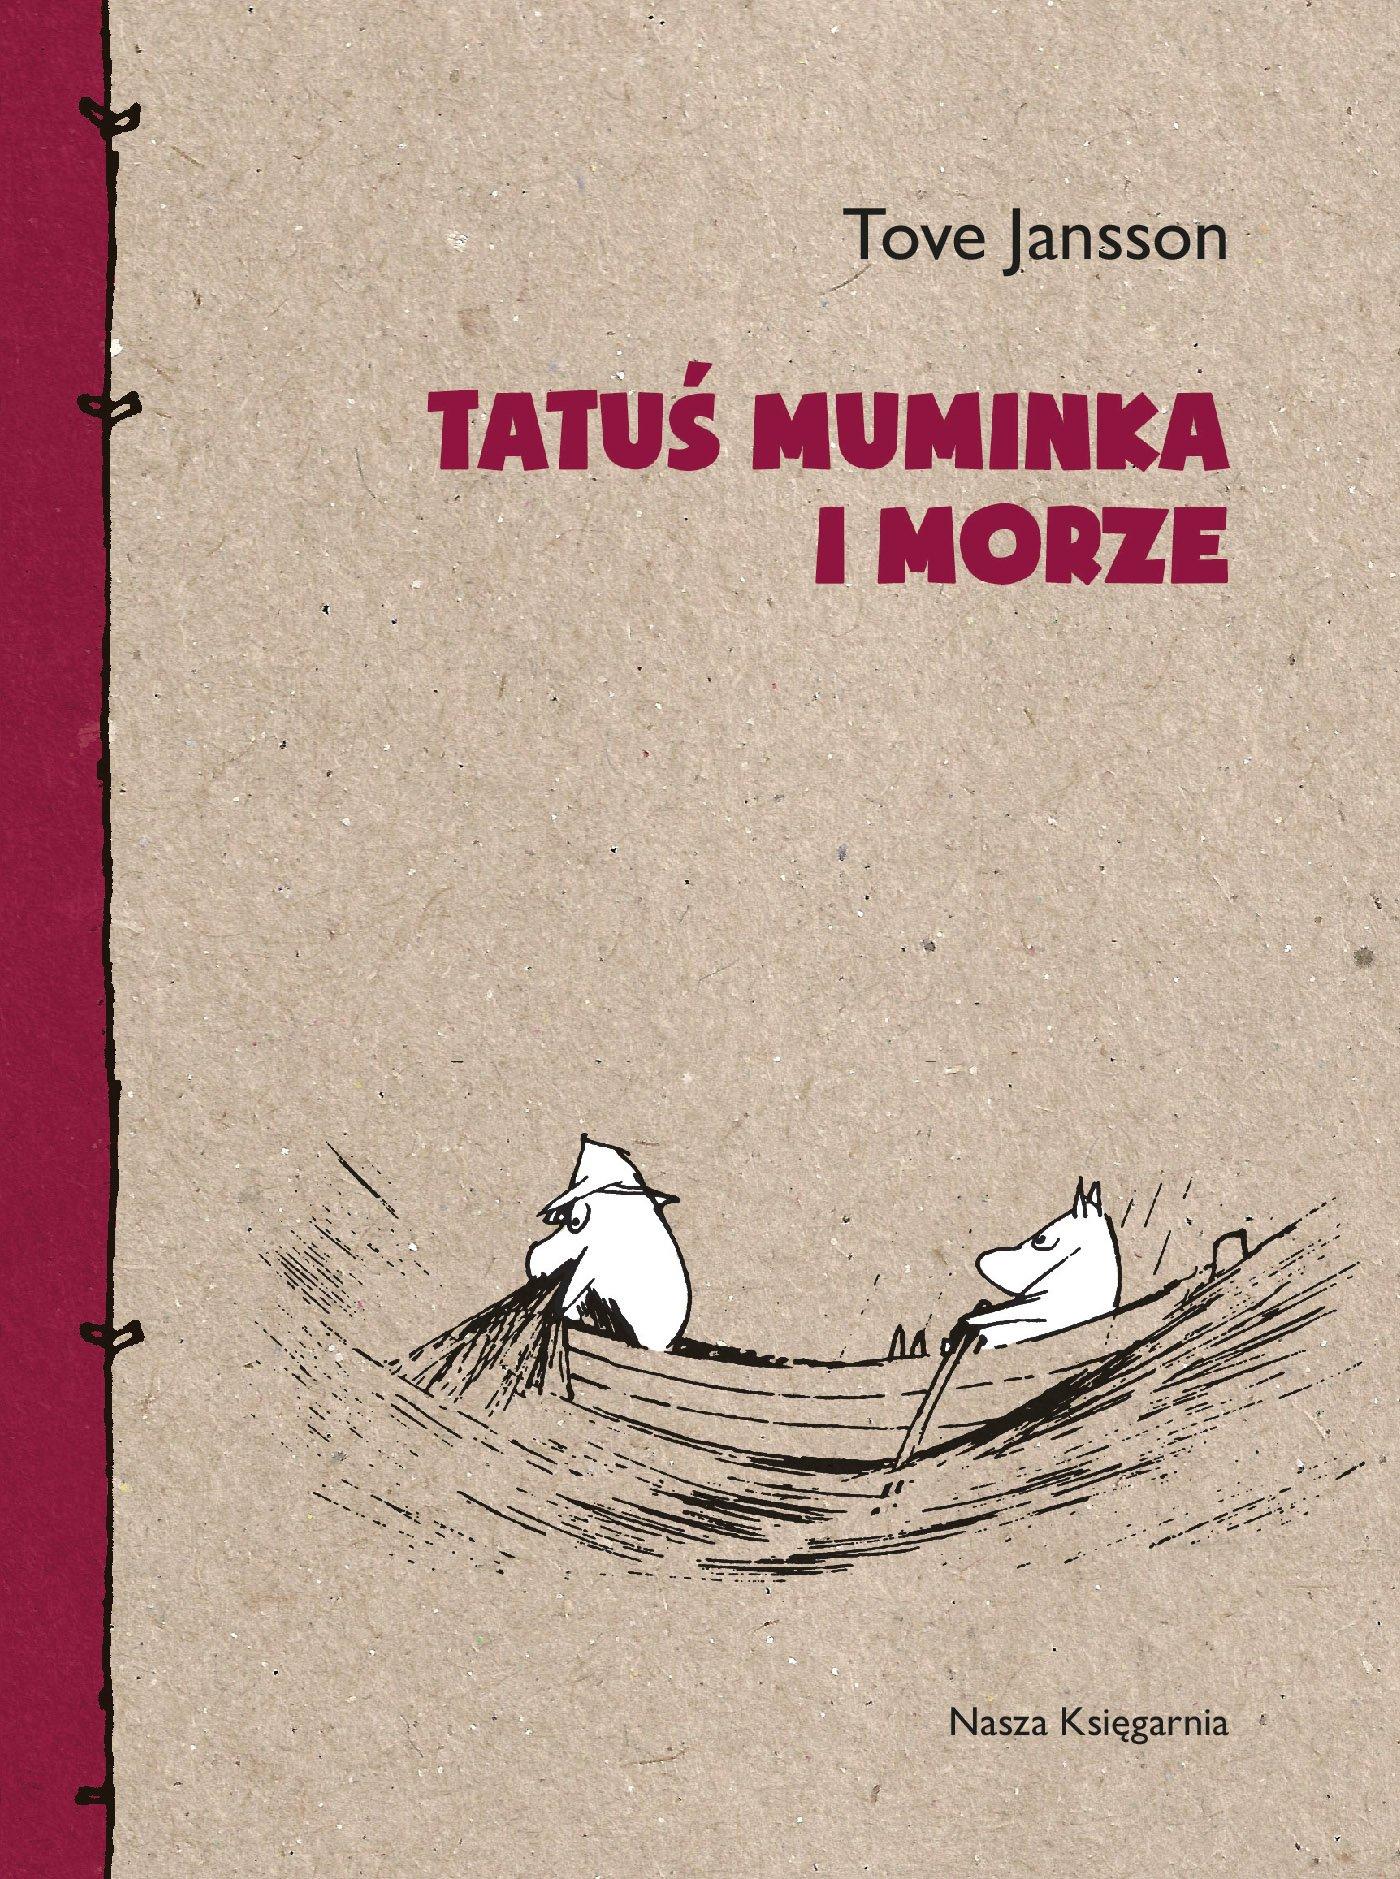 Tatuś Muminka i morze - Ebook (Książka na Kindle) do pobrania w formacie MOBI